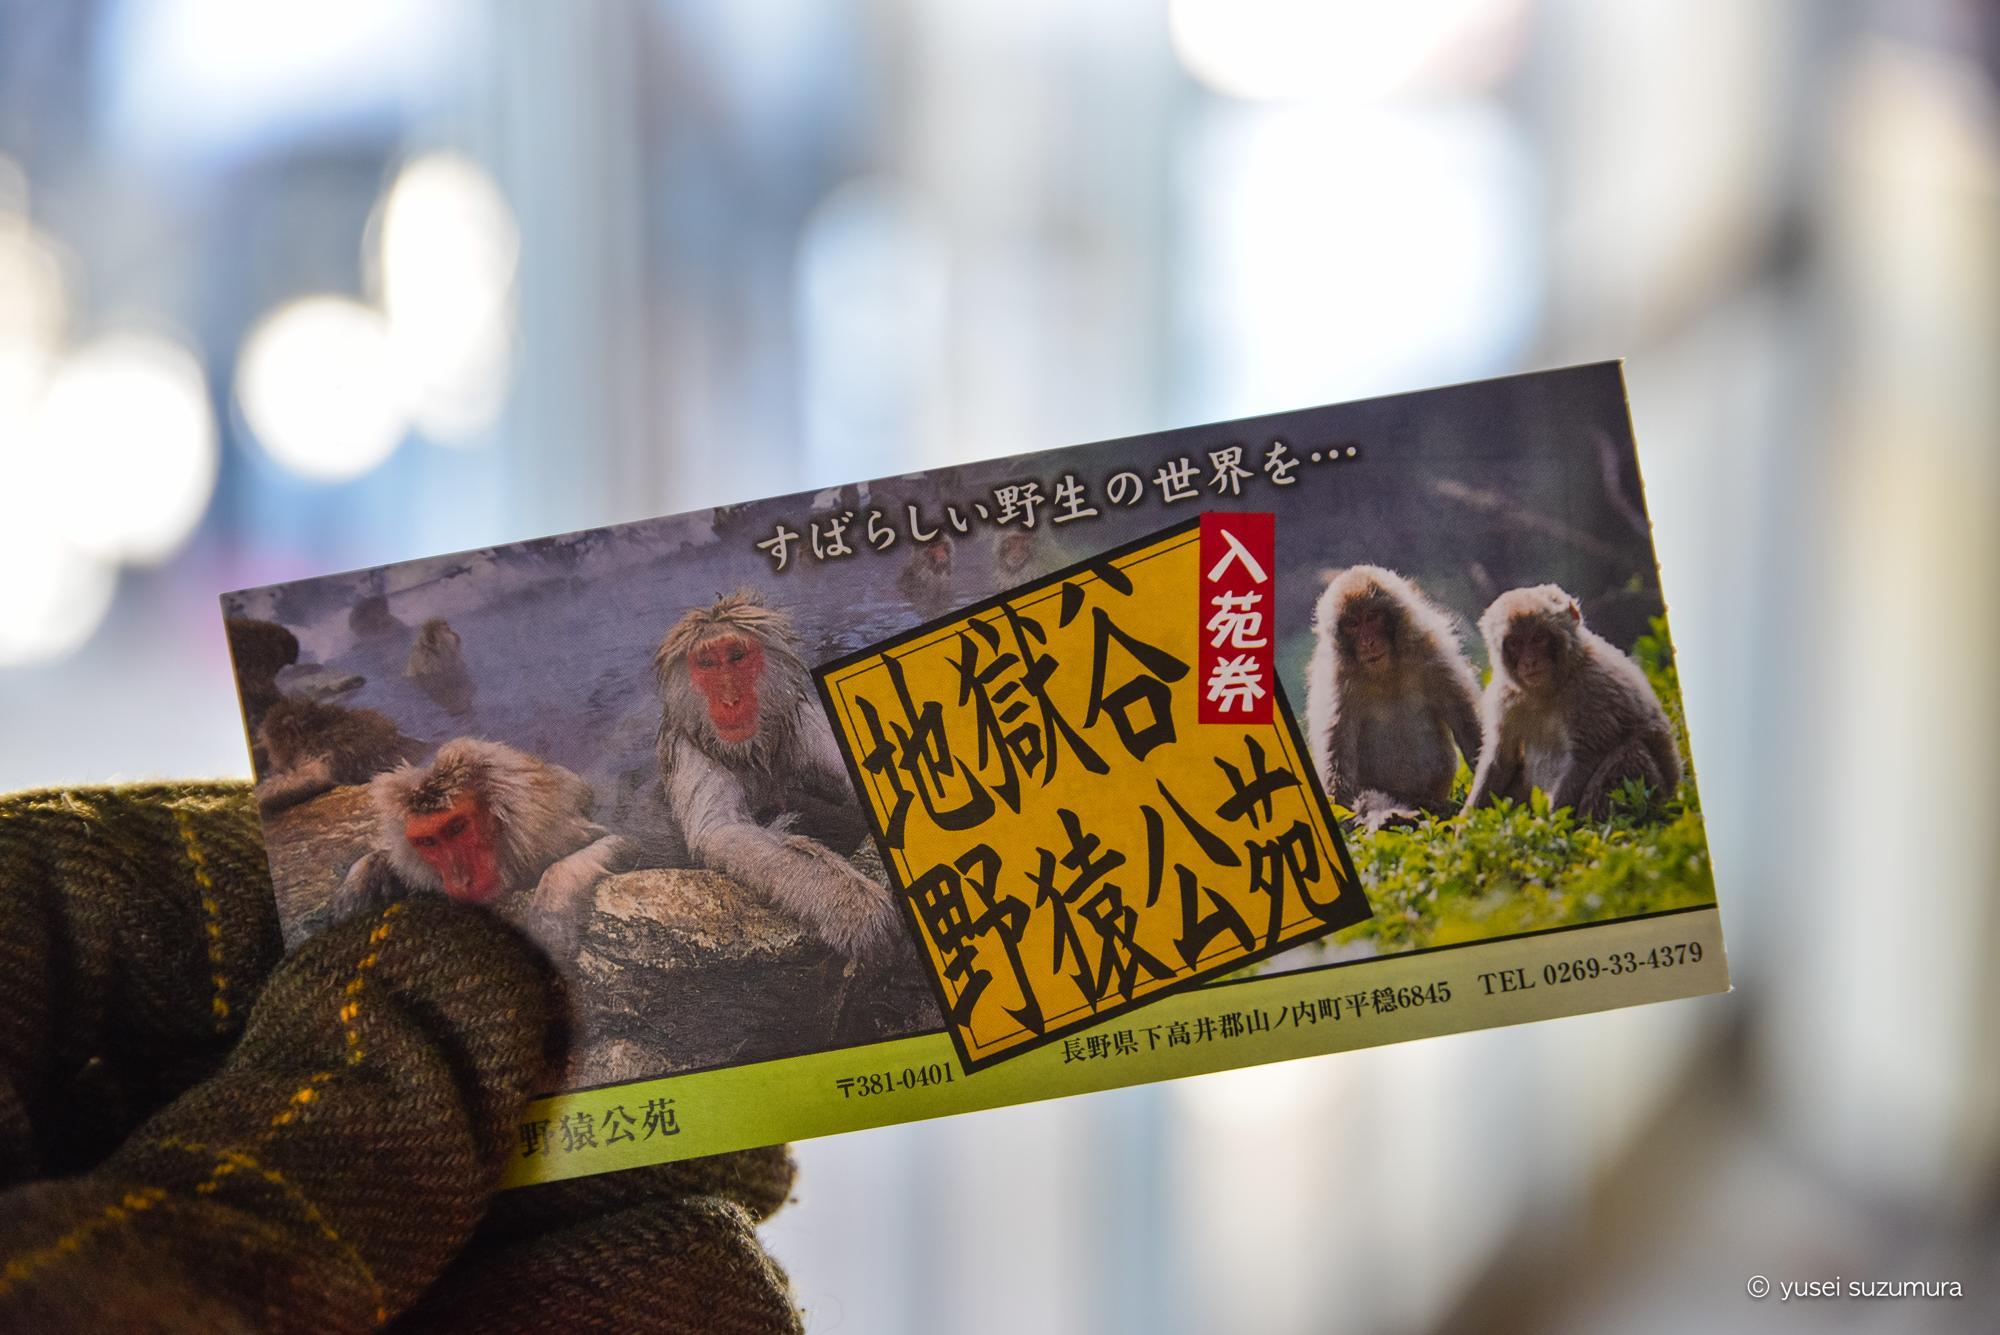 地獄谷野猿公苑 チケット